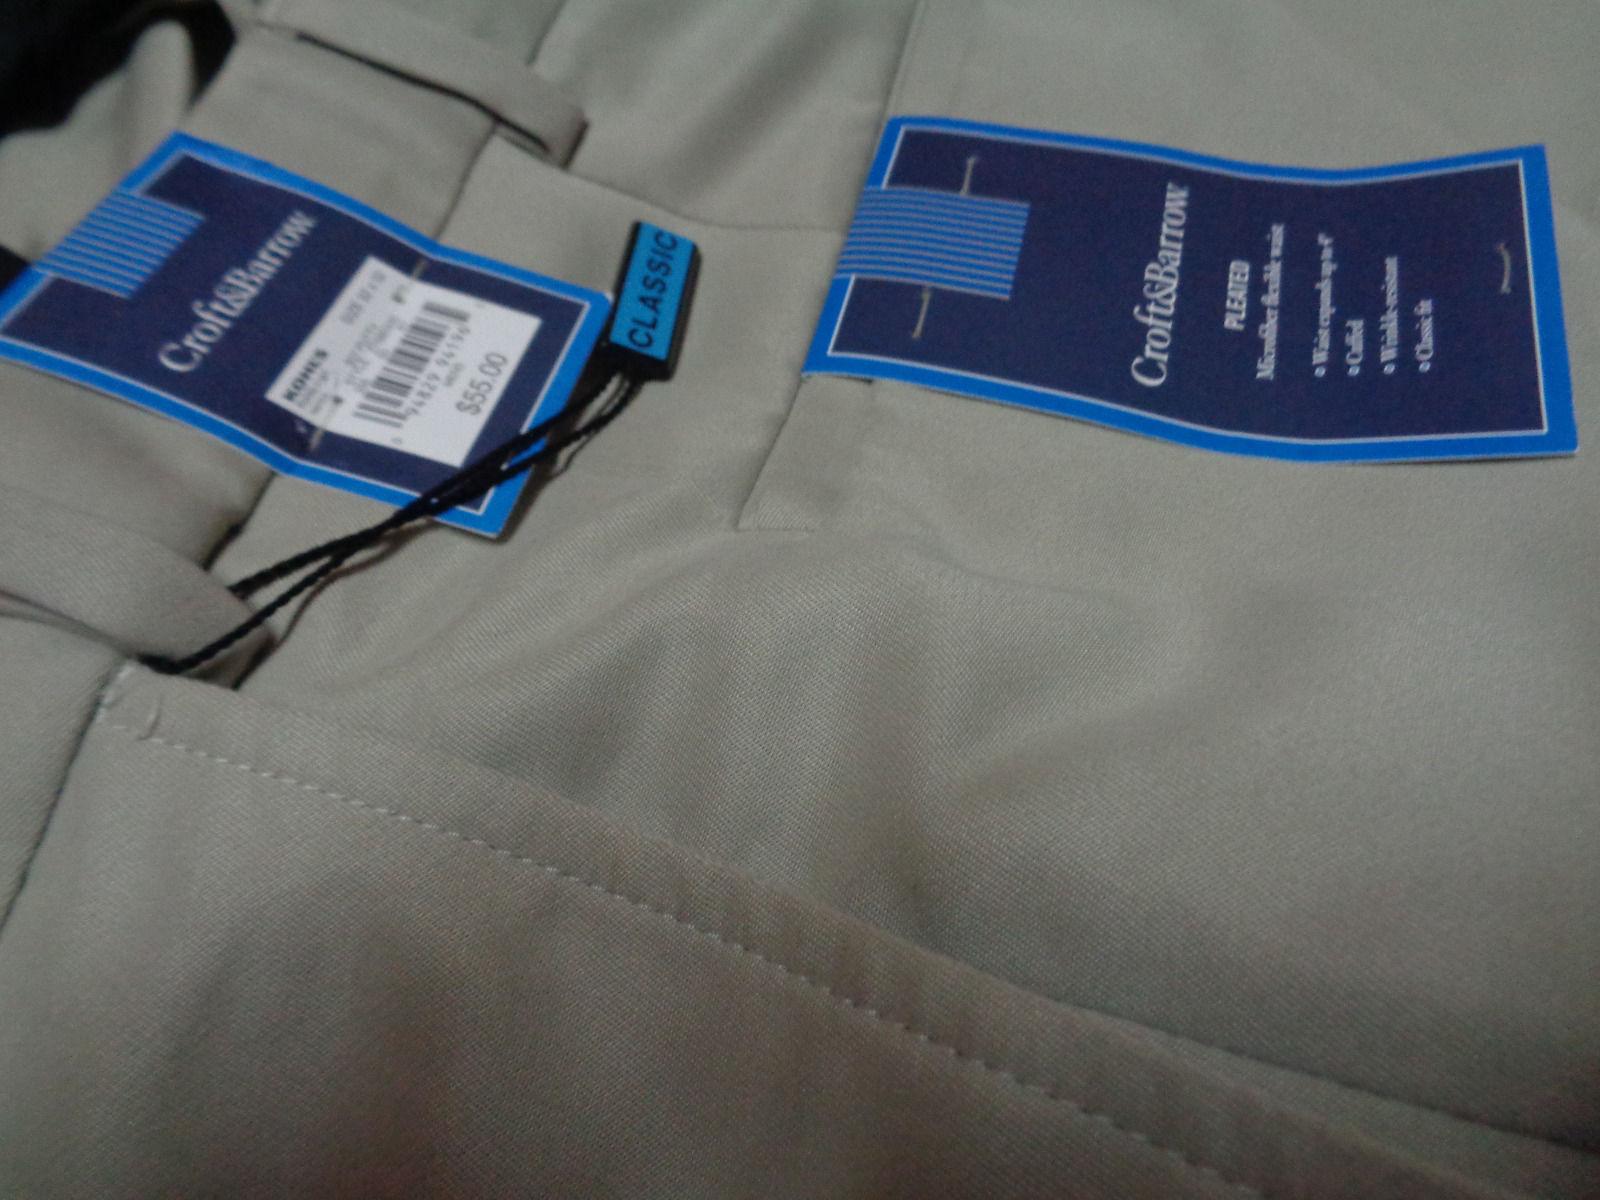 Men's Beige Khaki Slacks Pants CROFT & BARROW NWT Sz 32x32